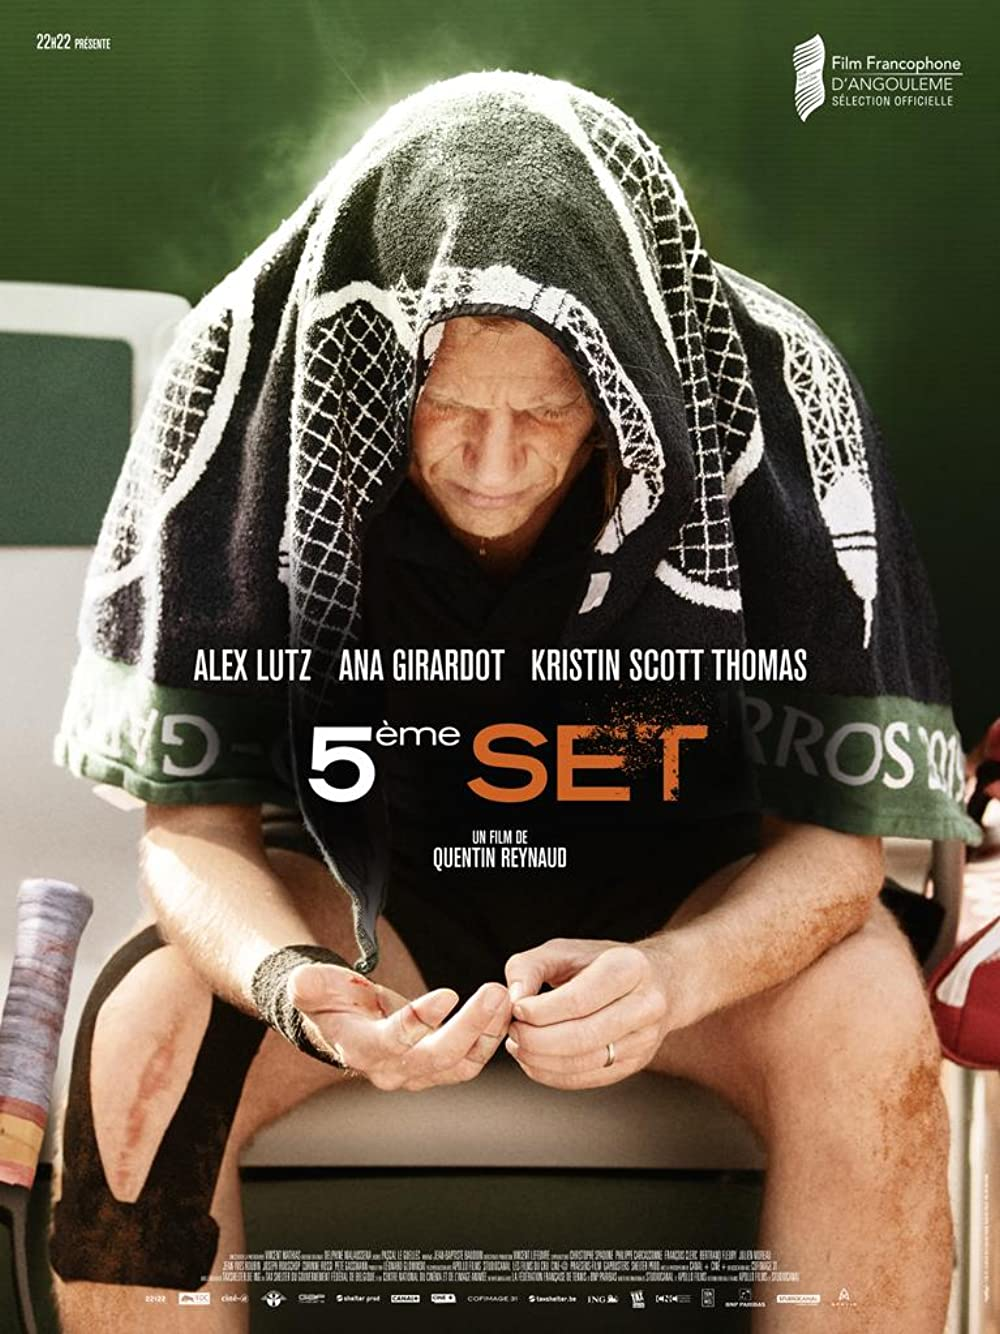 Download Filme O Quinto Set Qualidade Hd